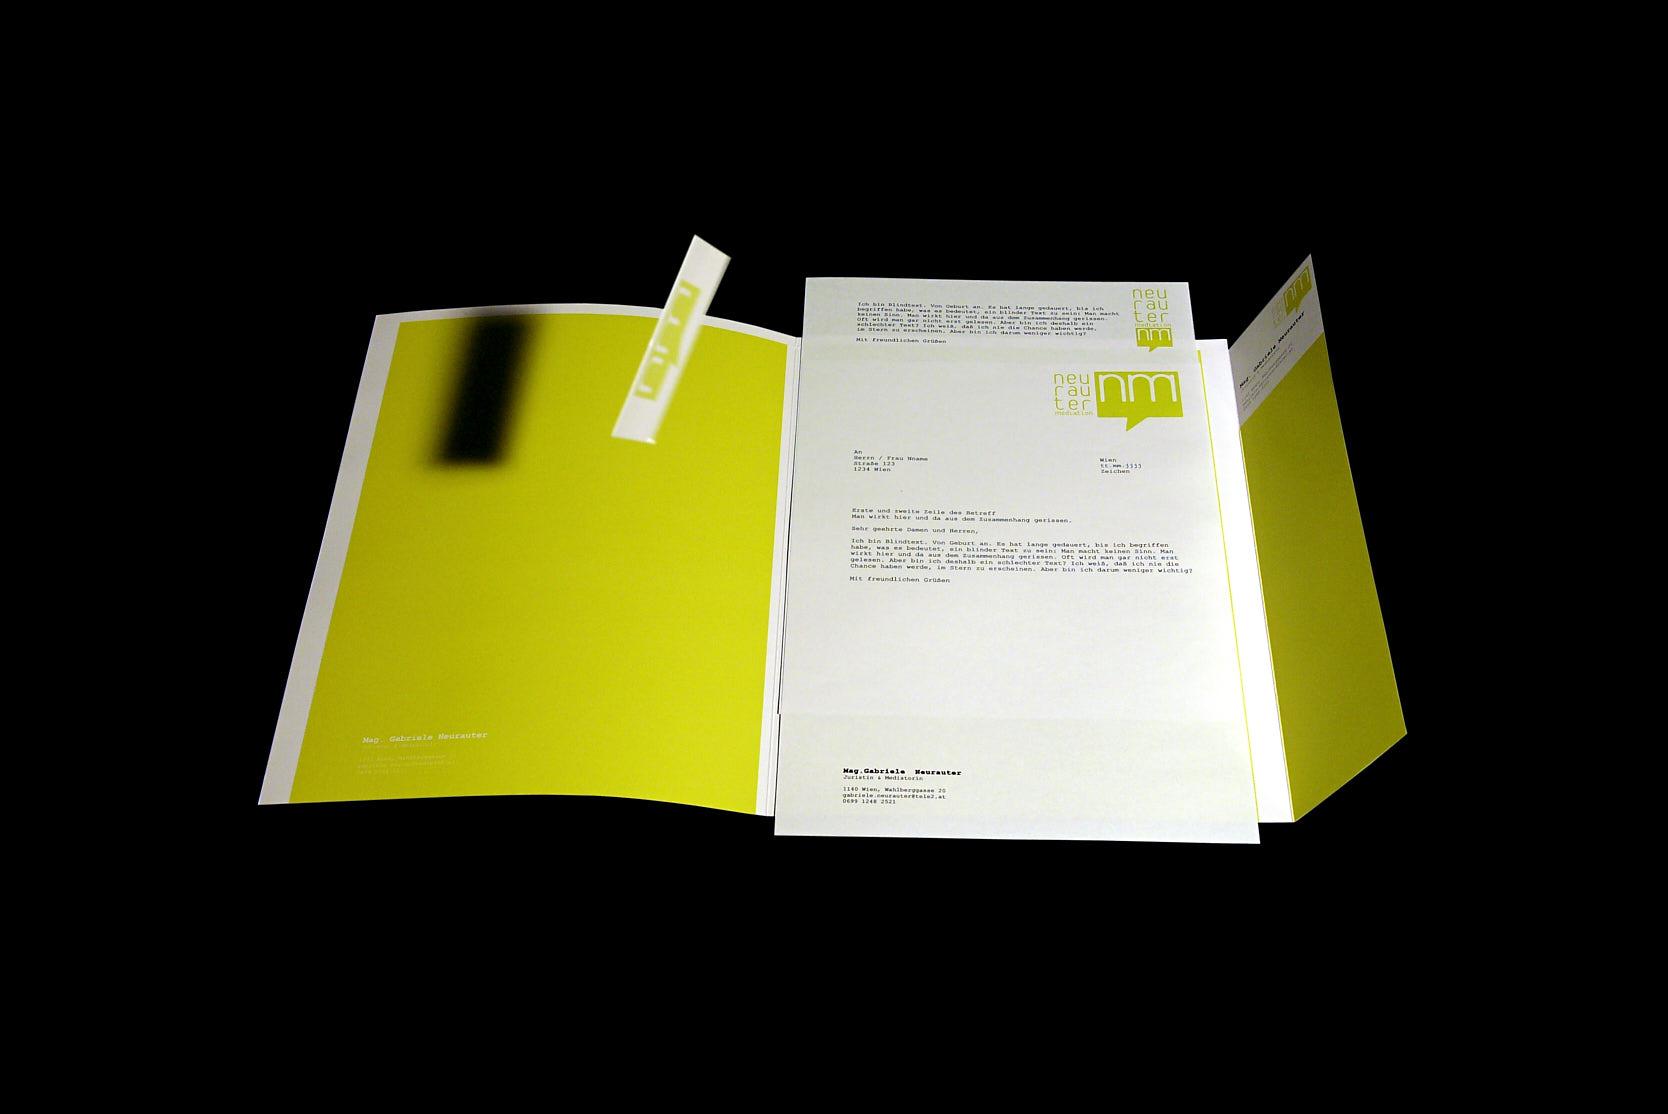 Neurauter: Printed Matter